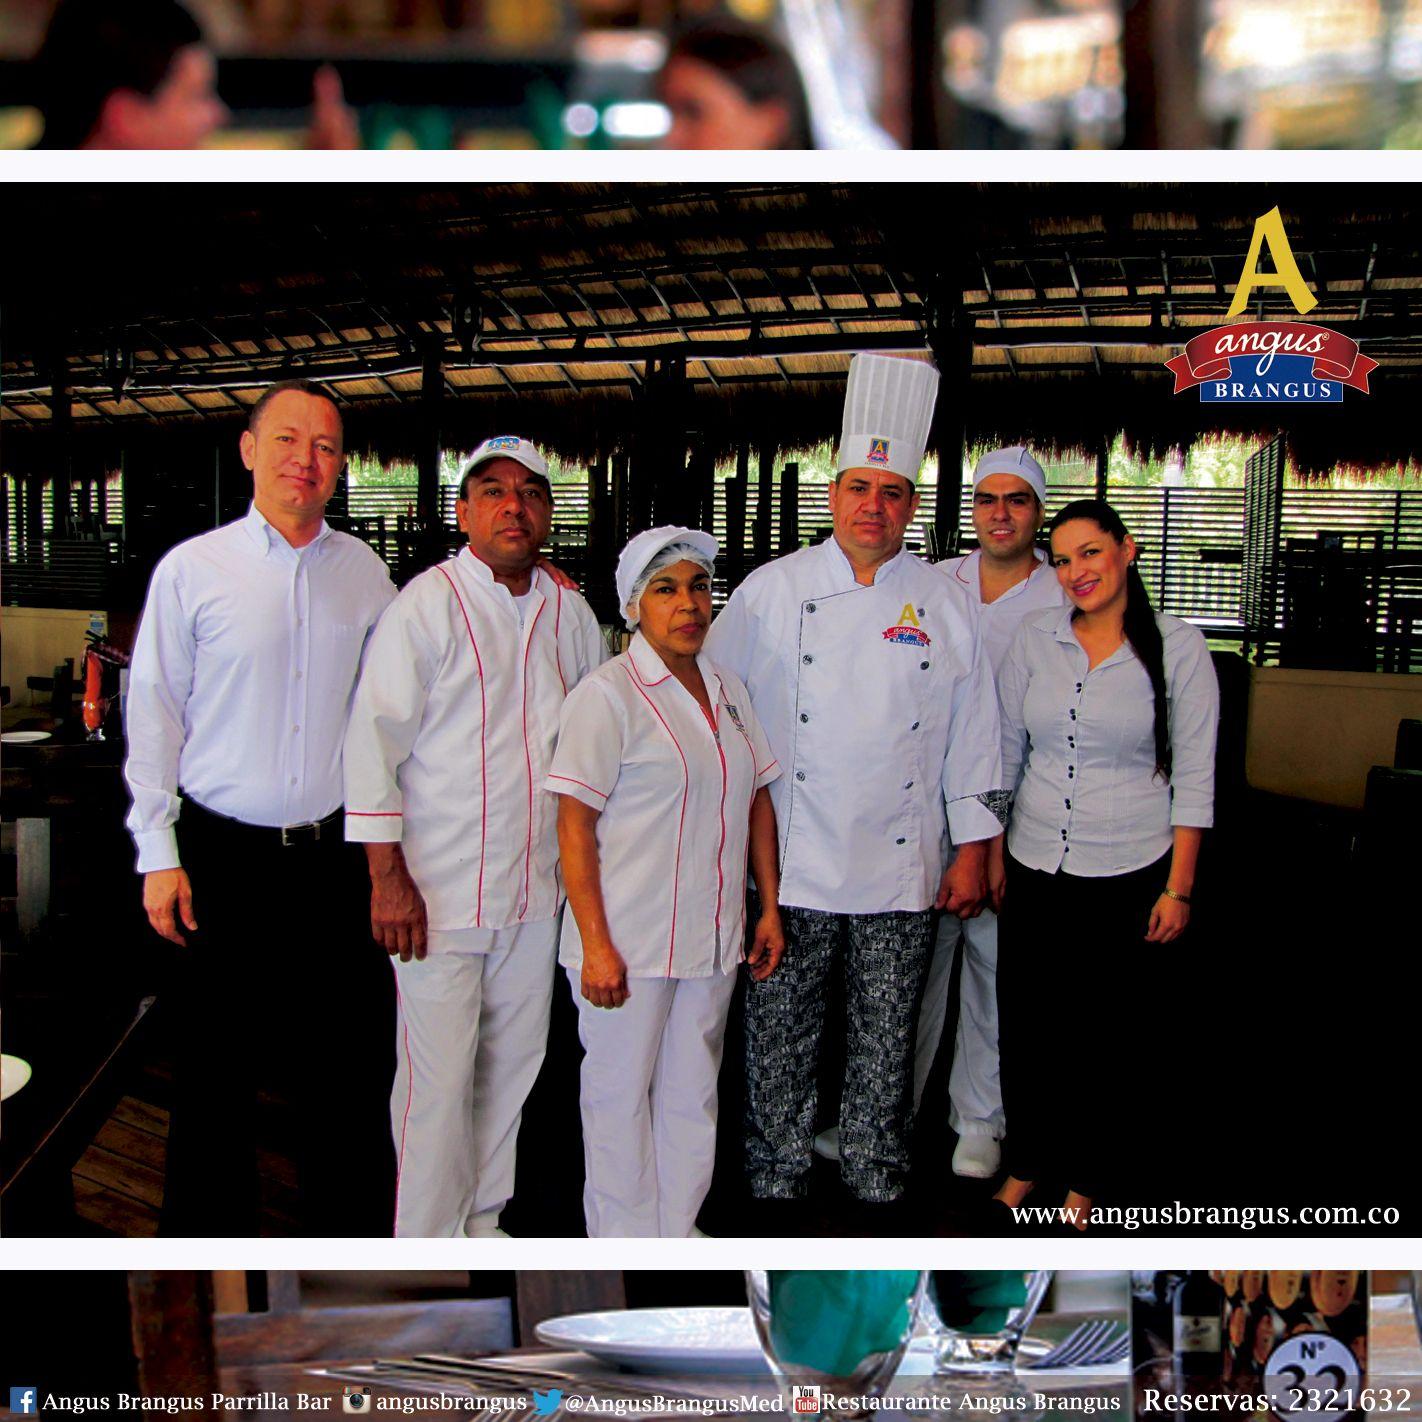 Los esperamos en Angus Brangus con nuestros profesionales de la gastronomía internacional. Ellos, preparan todos sus platos con mucha dedicación y cuidado. ¡Te esperamos!.   www.angusbrangus.com.co   #AngusBrangus #Medellín #Restaurantes #Gastronomía